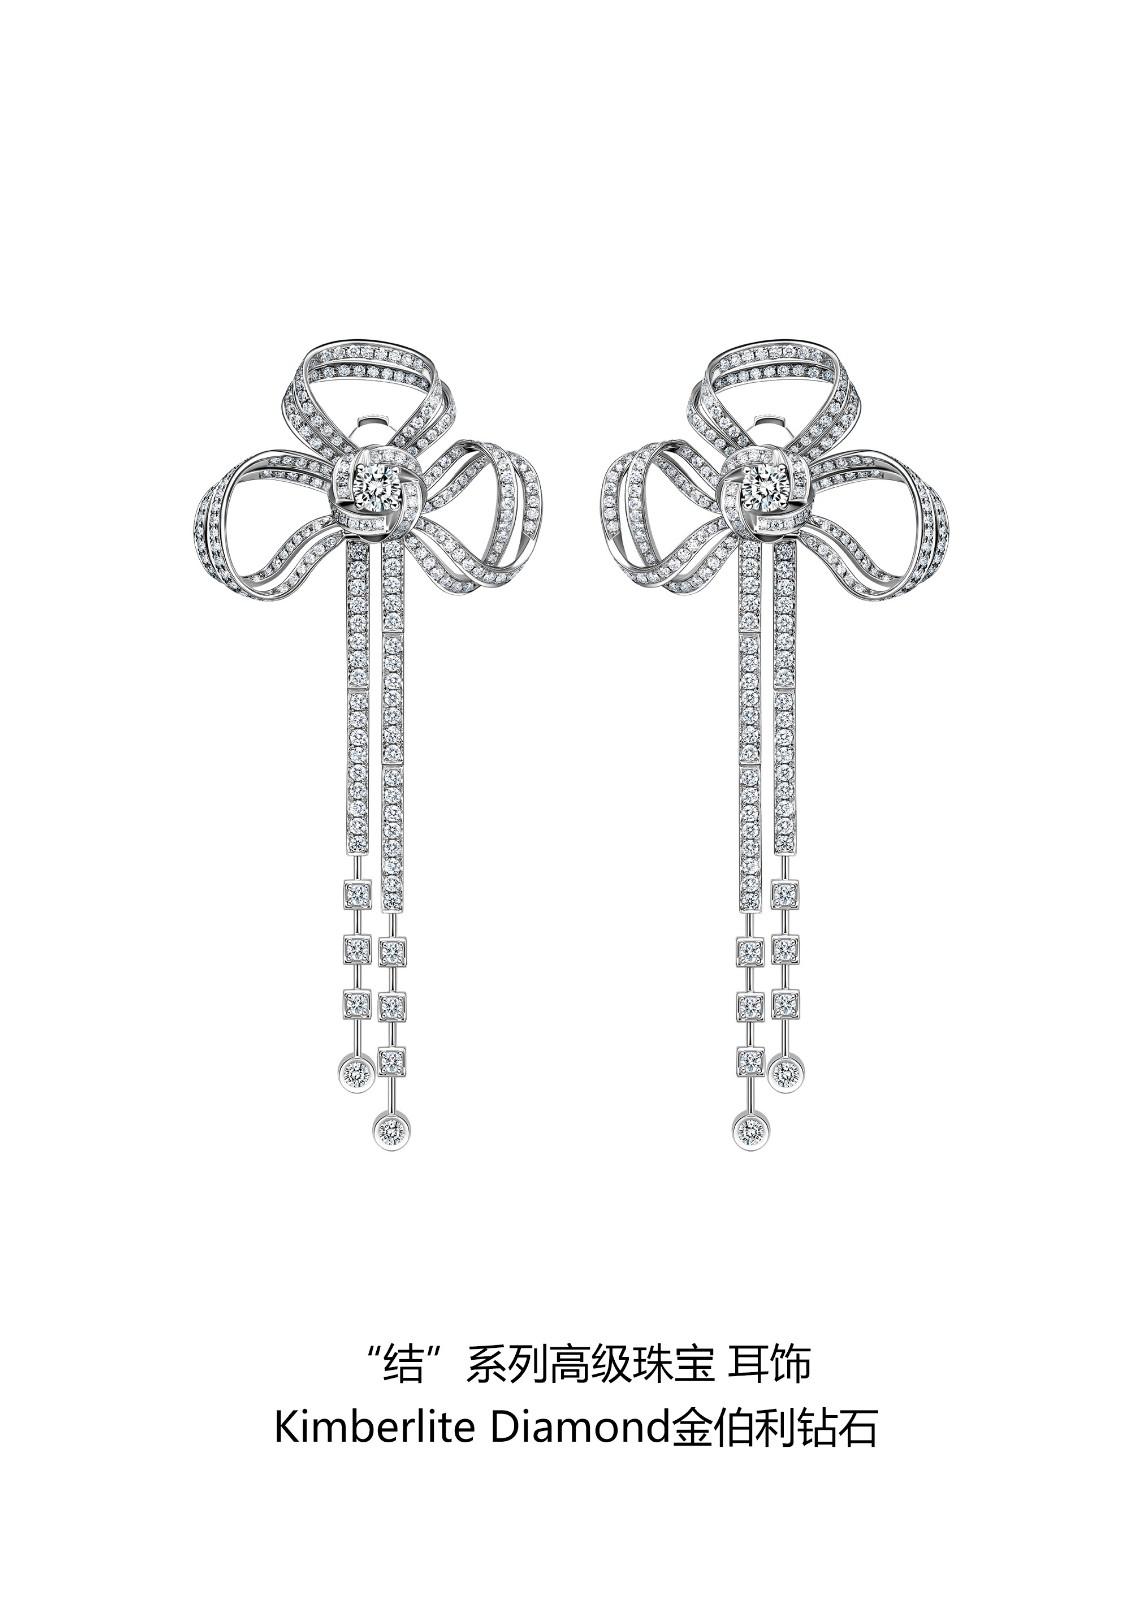 结系列高级珠宝之耳饰